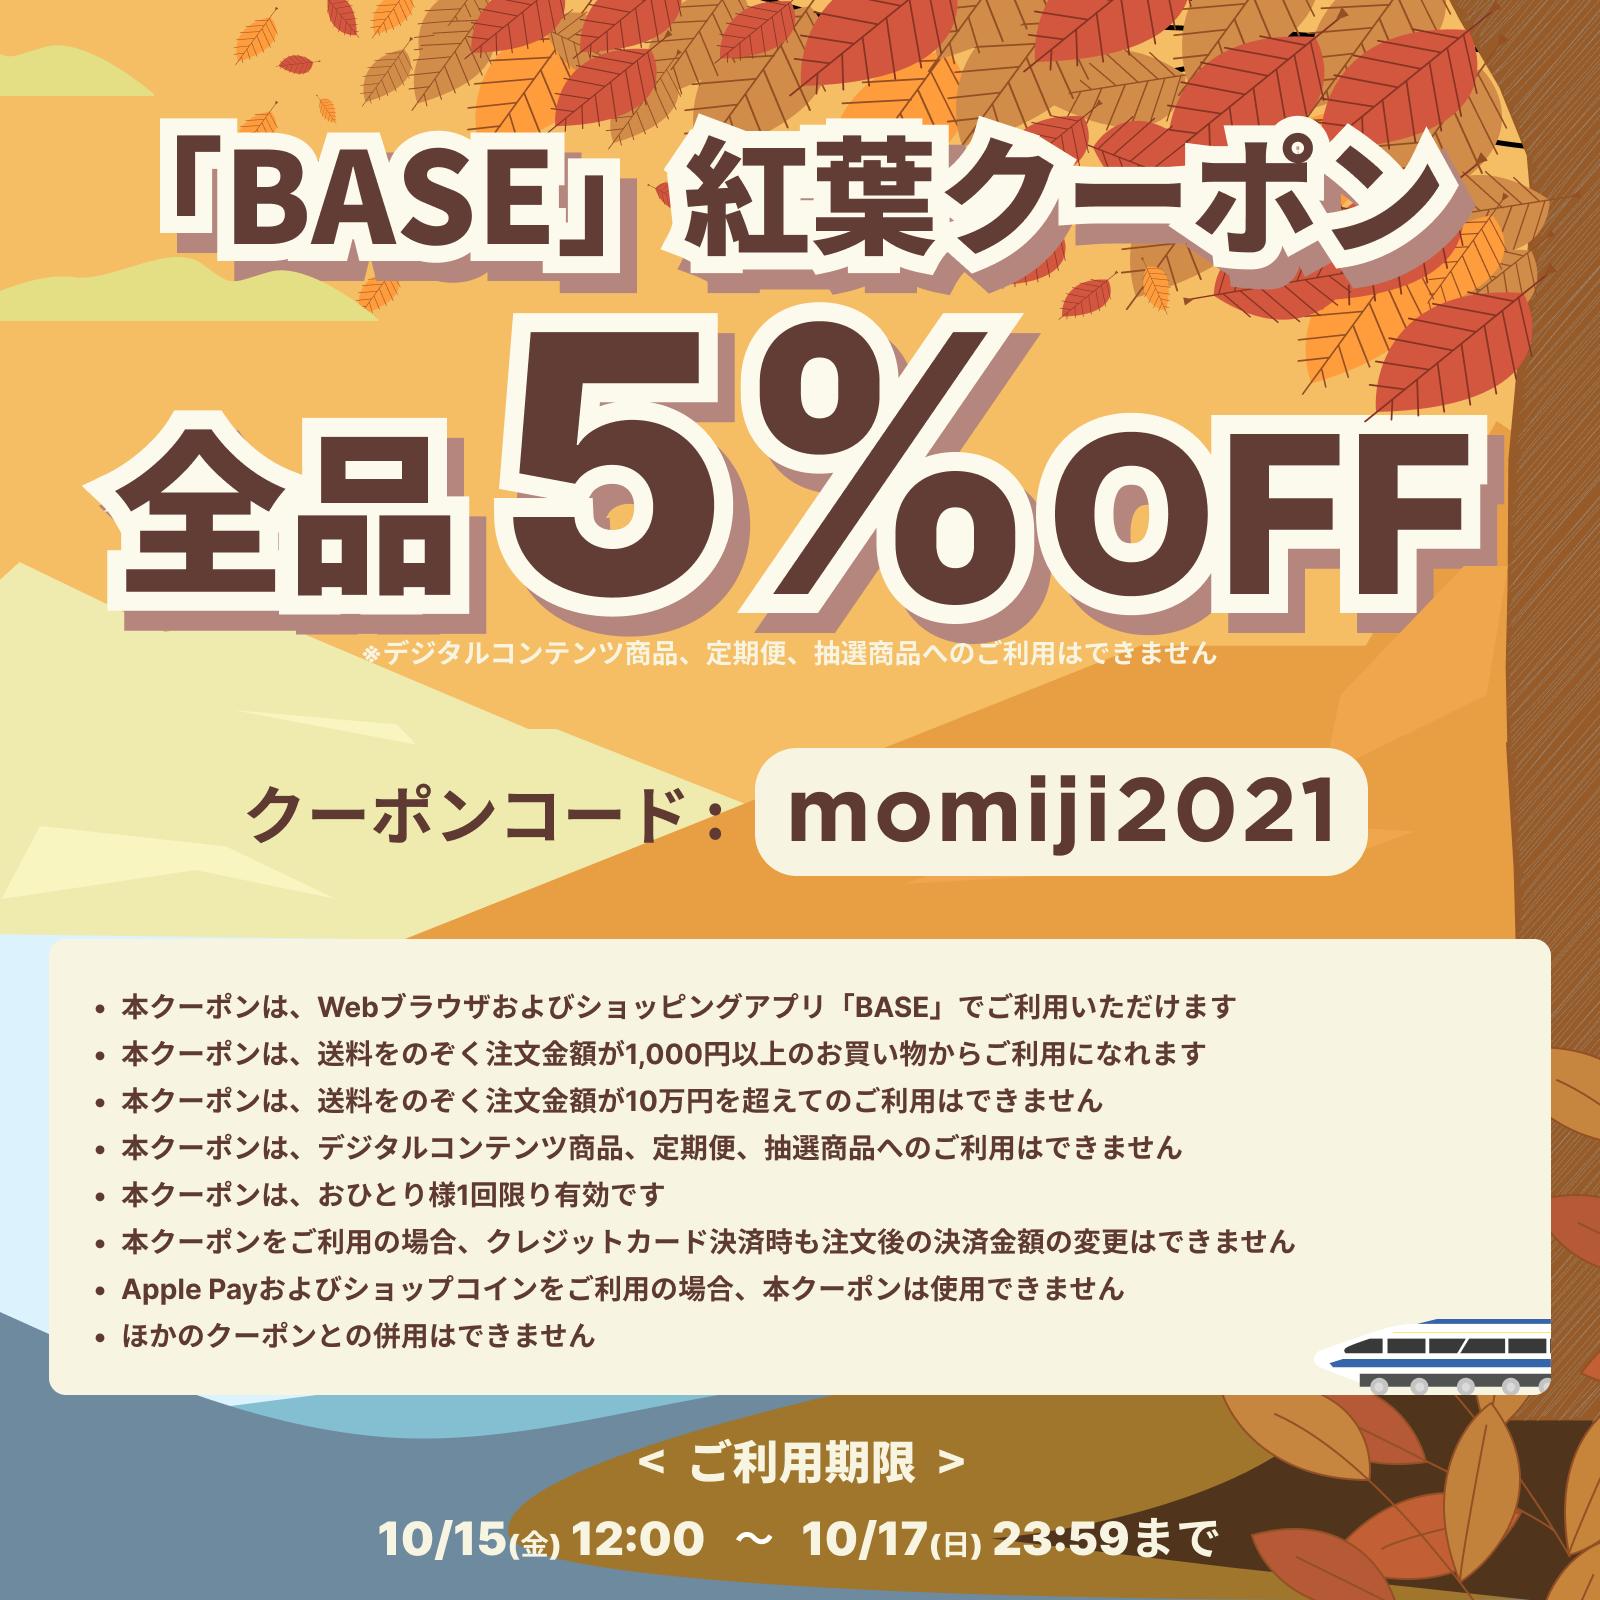 【期間限定クーポン】全品5%OFFクーポンプレゼント!(10/15~10/17)